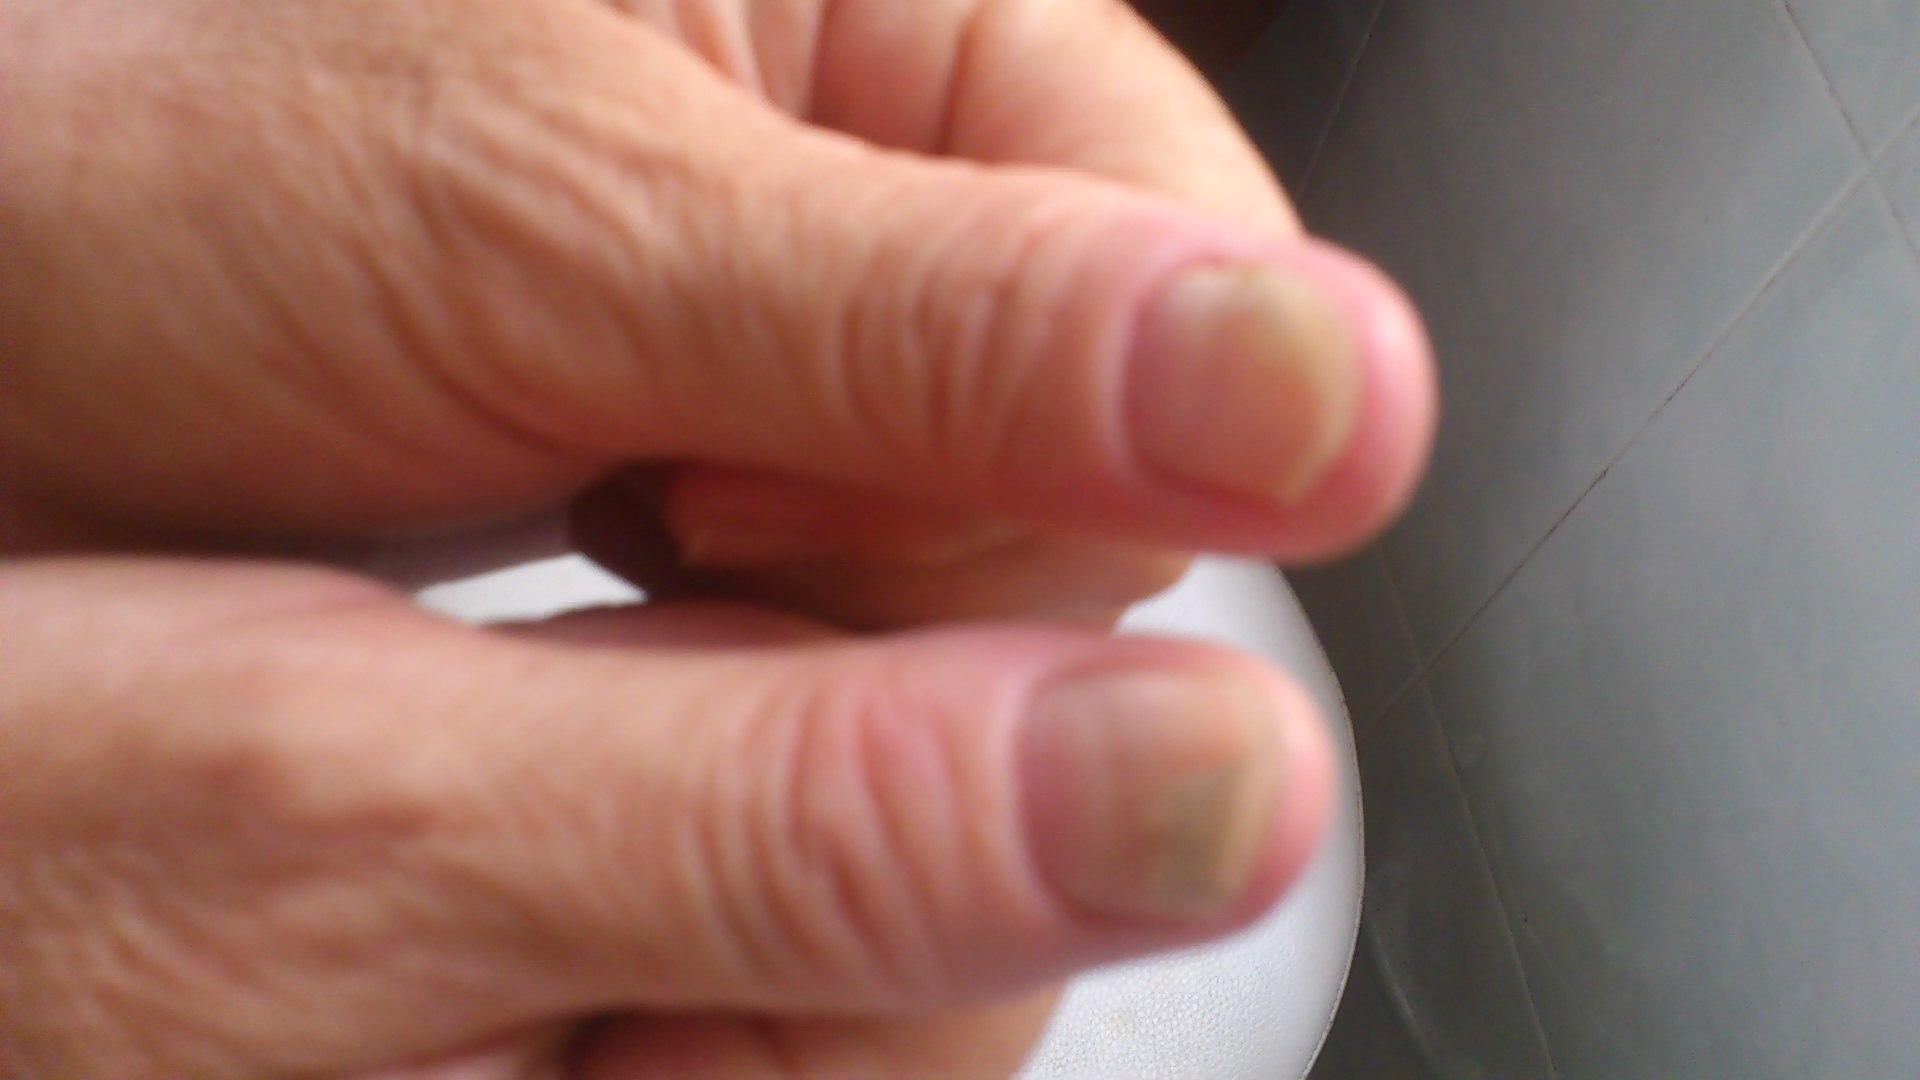 这是灰指甲吗?要怎么治疗?这是灰指甲吗?要怎么治疗?